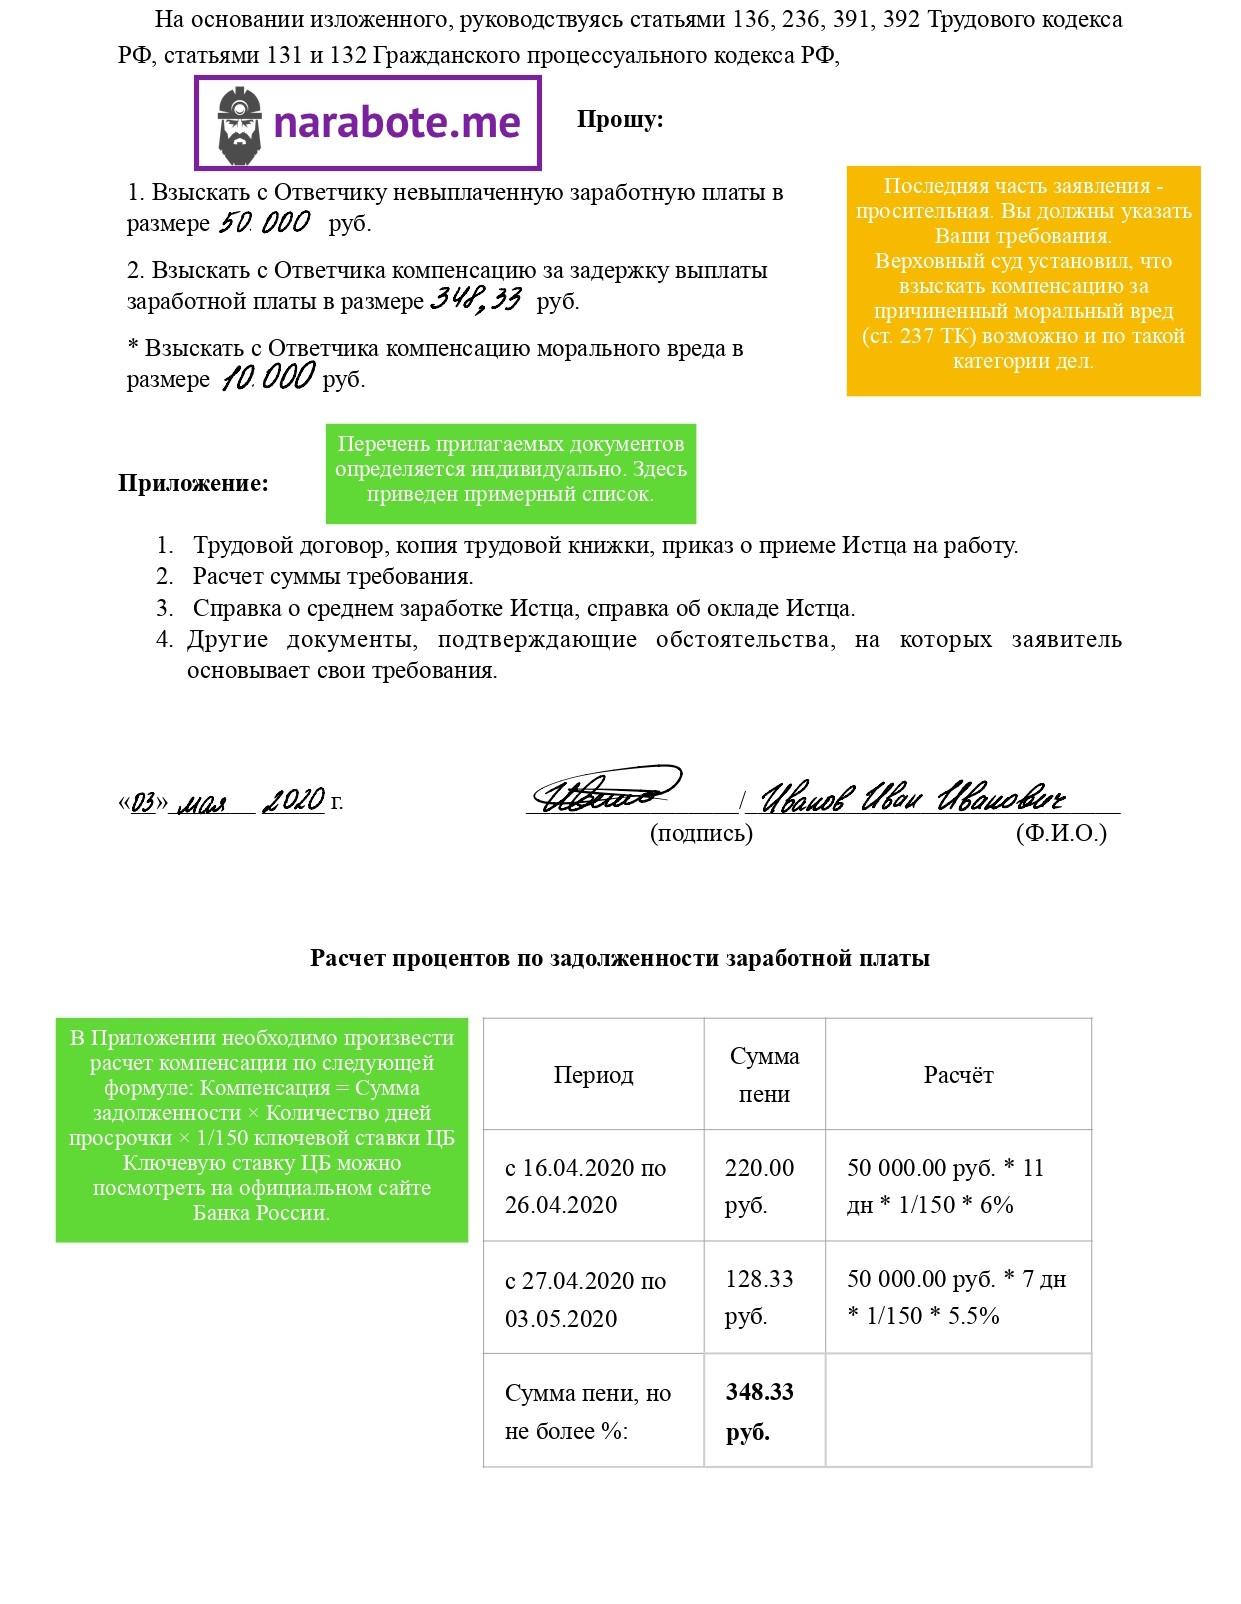 Образец искового заявления о невыплате заработной платы (стр. 2)